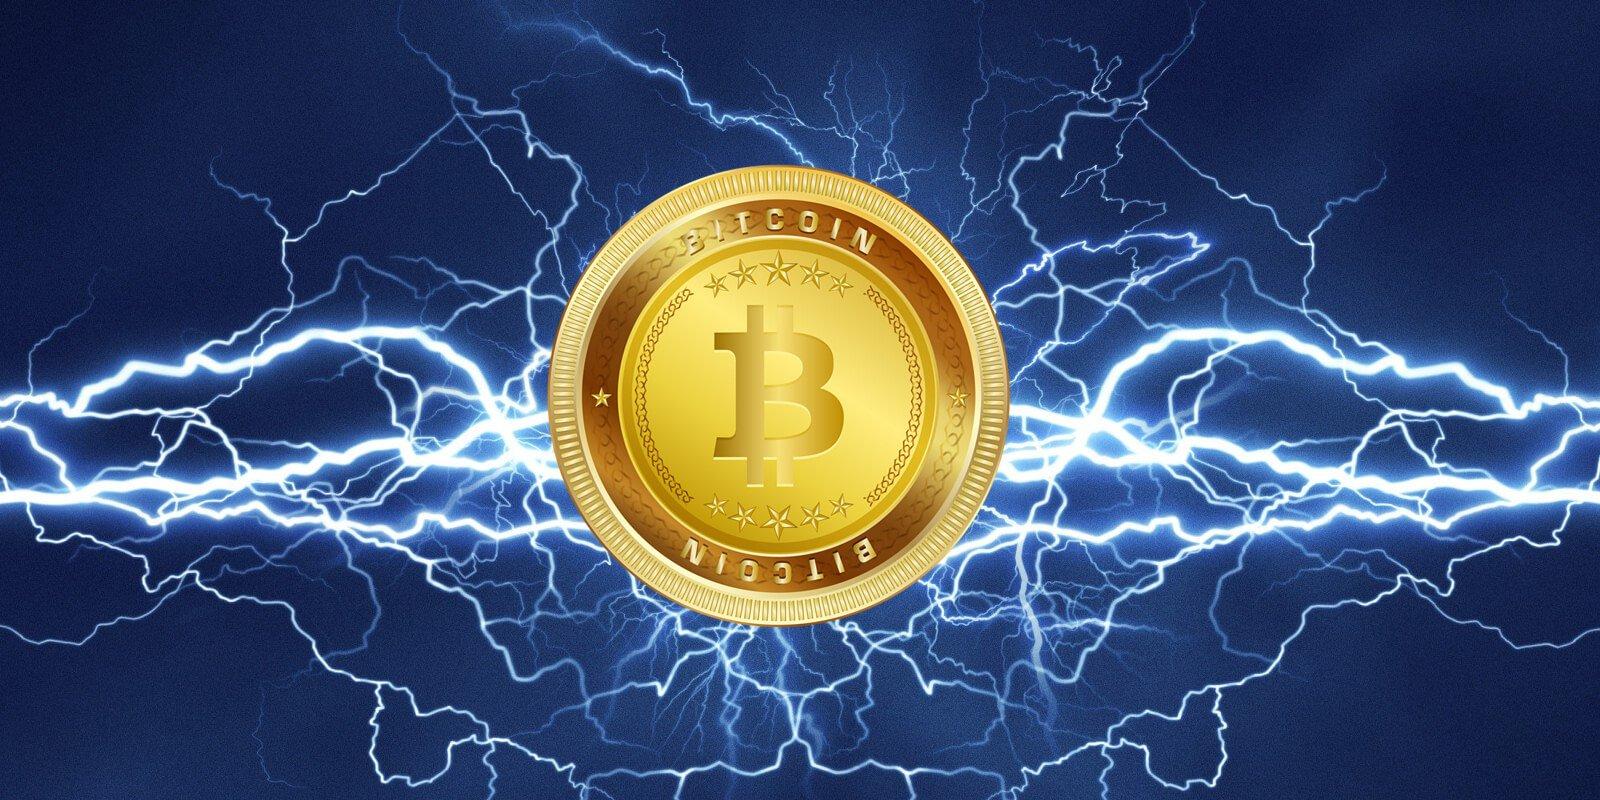 Lightning упоминается как решене для биткоина